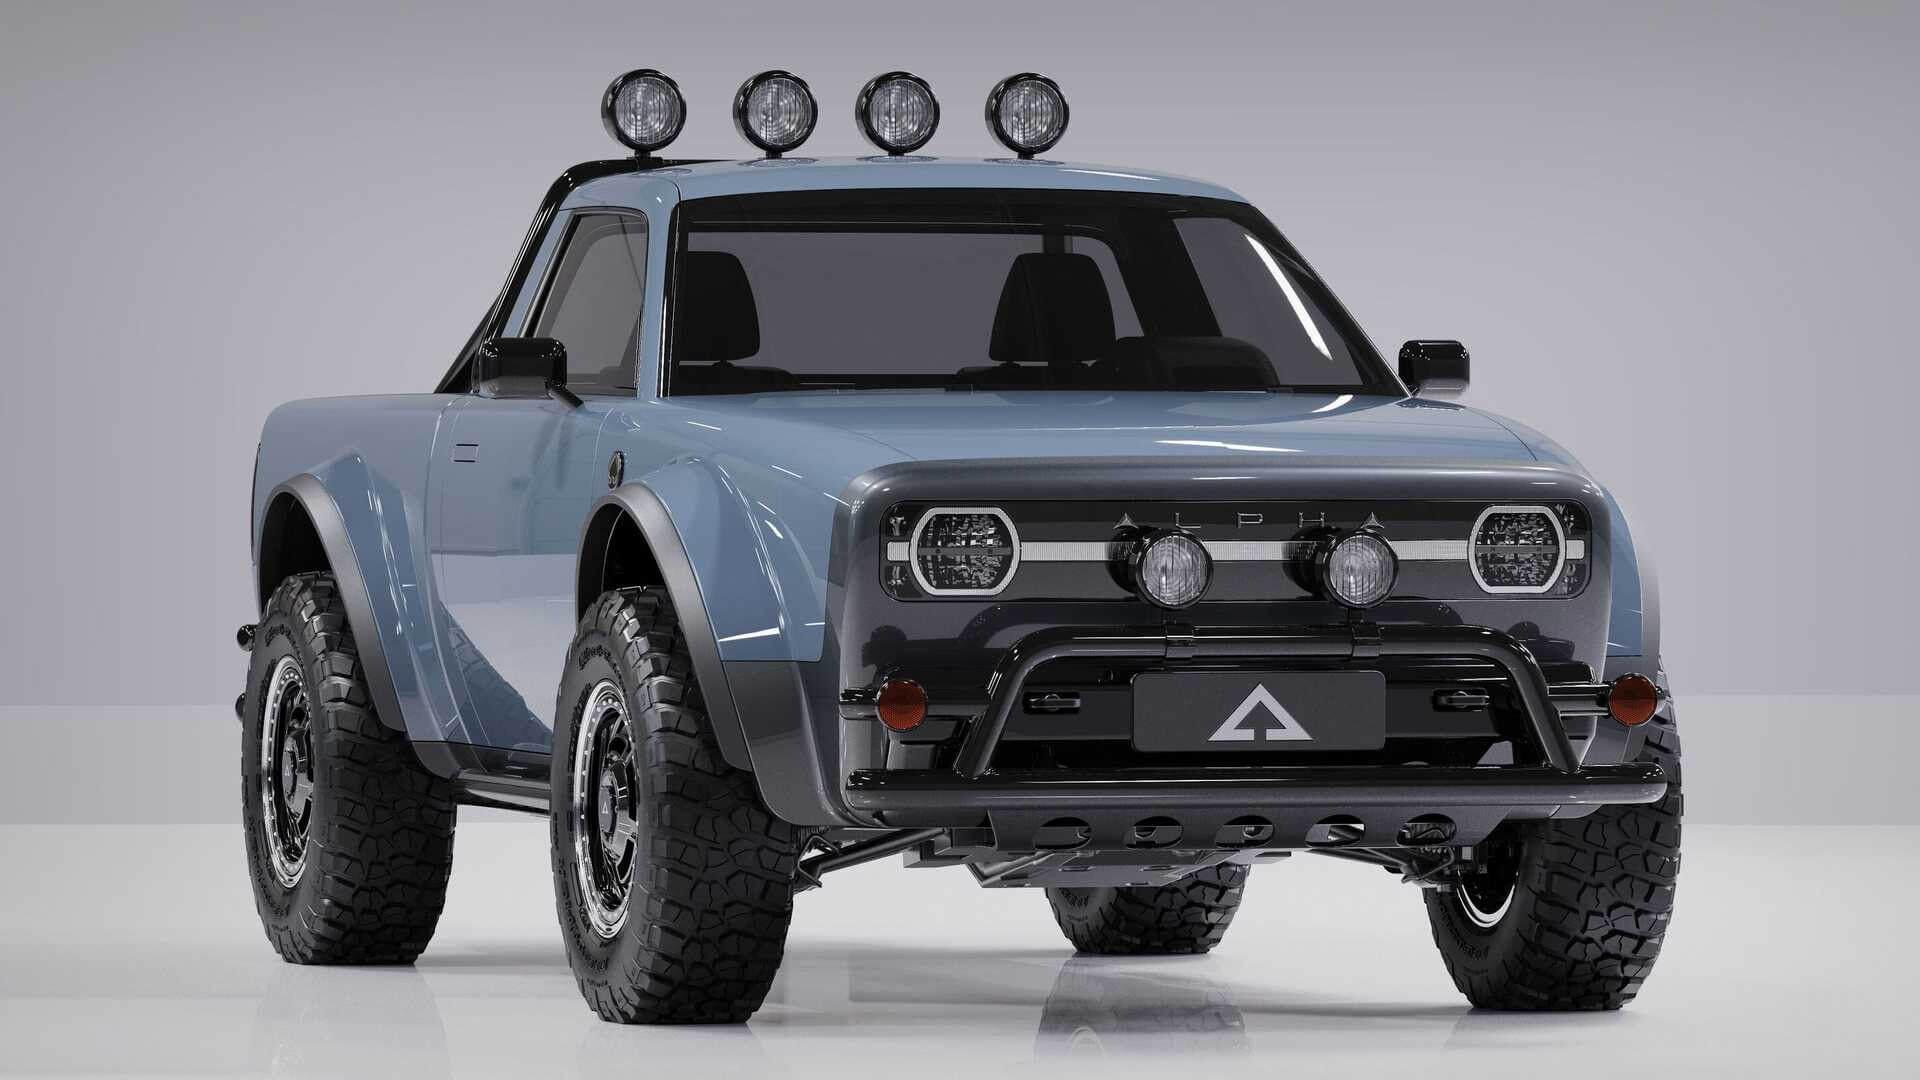 Alpha Motor представила свою третью модель в кузове пикап